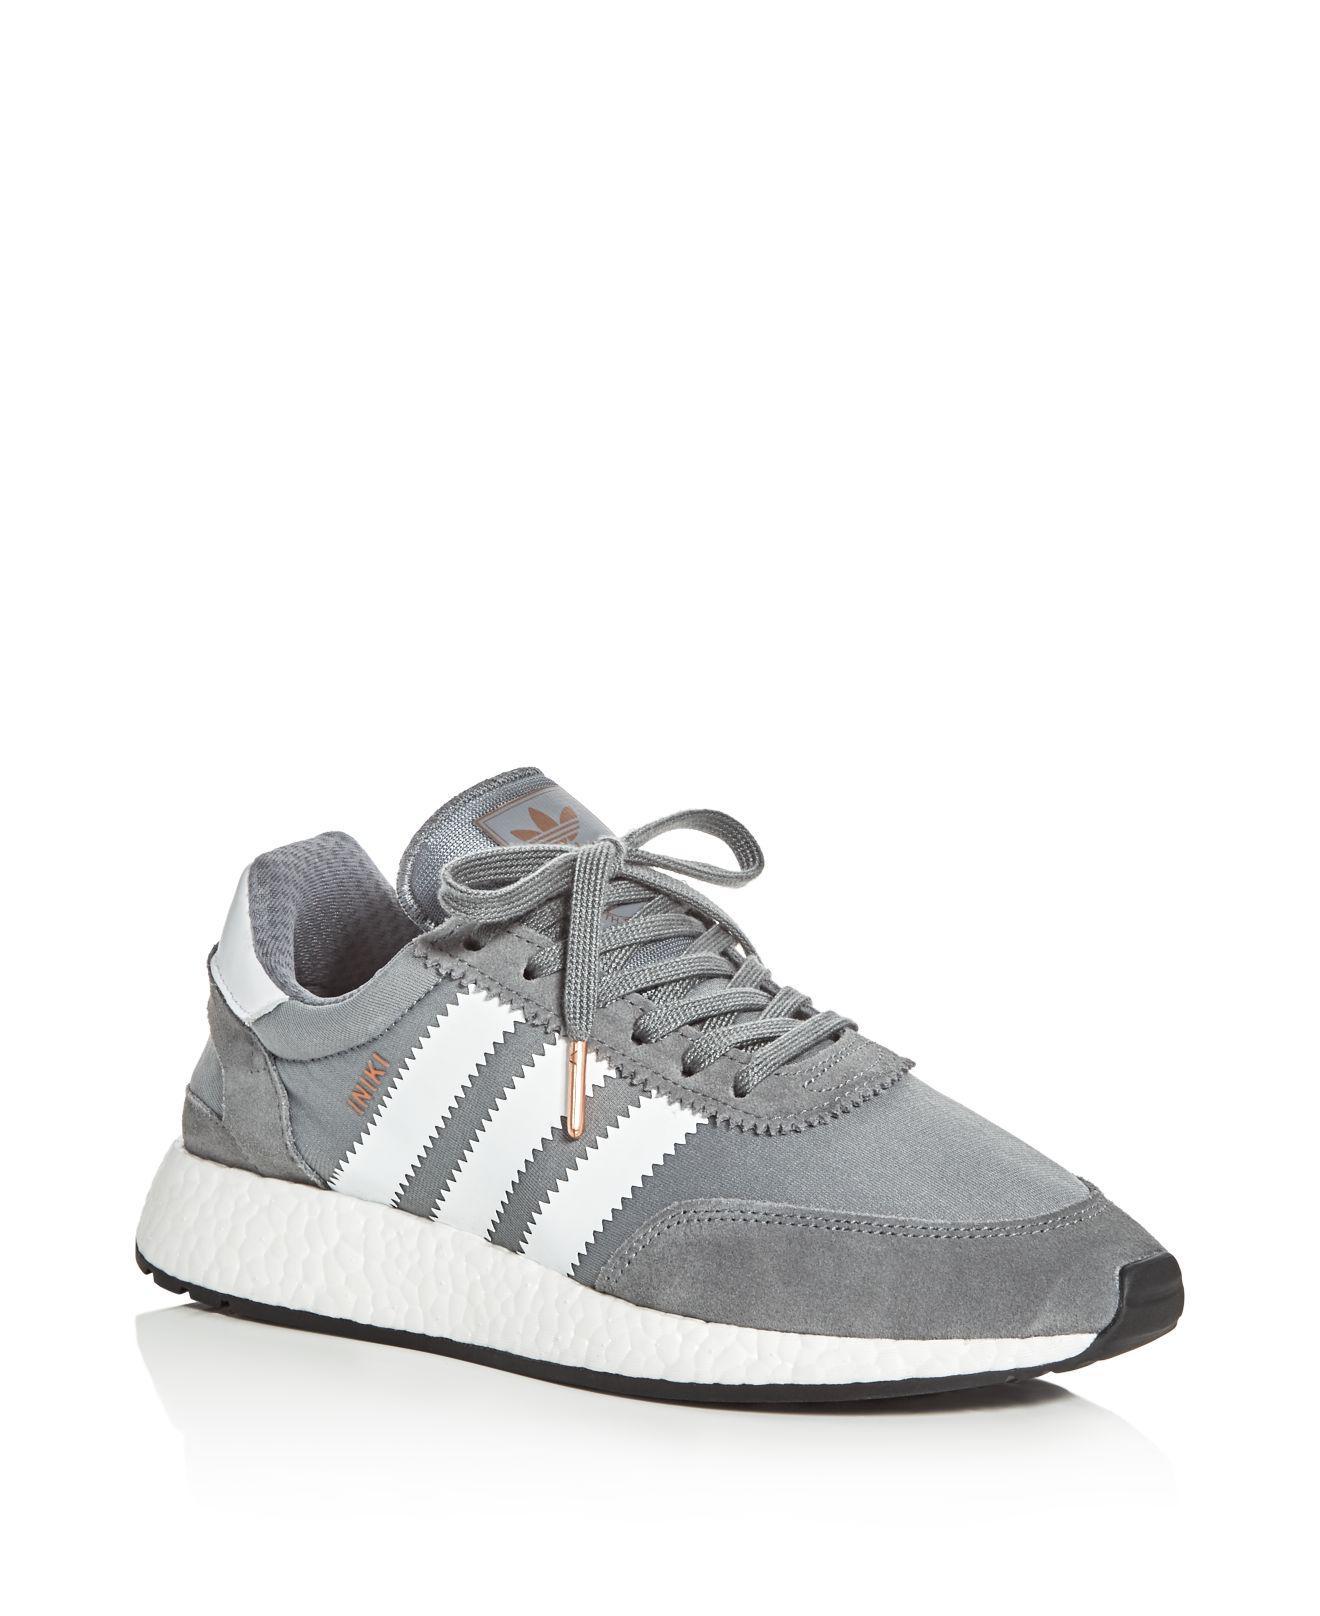 Lyst adidas originali delle donne iniki runner allacciare le scarpe da ginnastica in grigio.